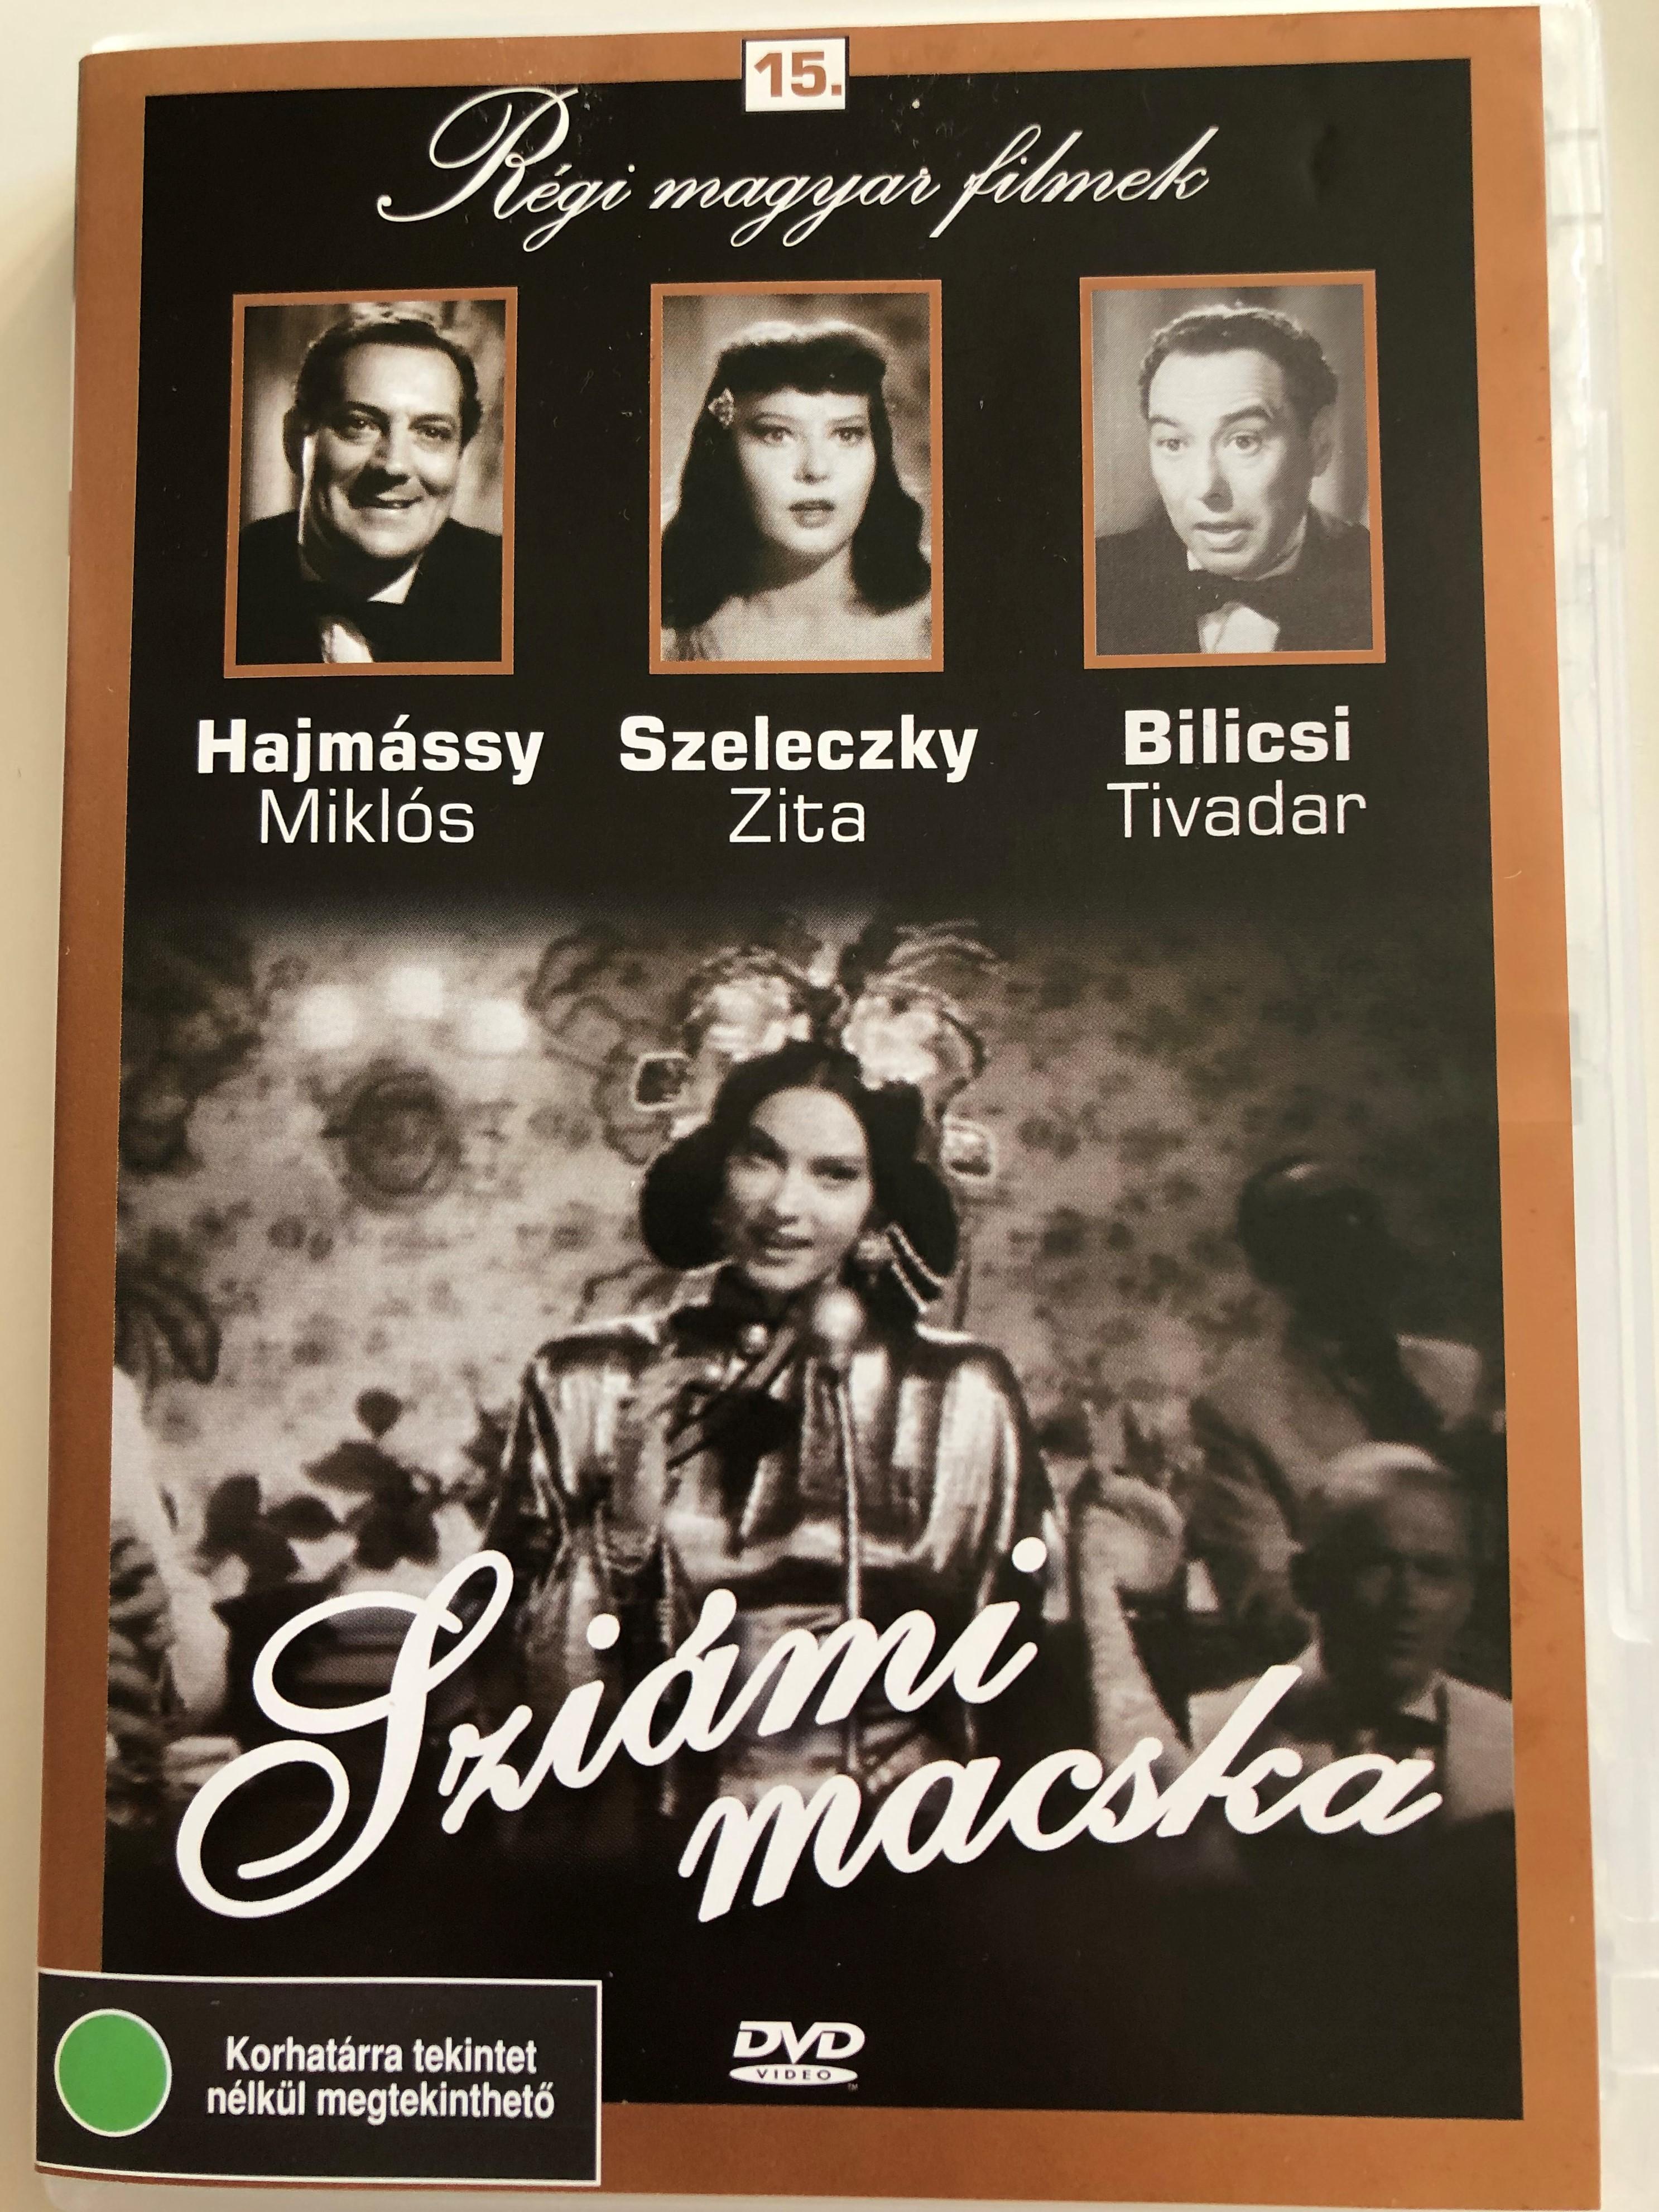 siamese-cat-szi-mi-macska-dvd-1943-directed-by-kalm-r-l-szl-starring-szeleczky-zita-bilicsi-tivadar-hajm-ssy-mikl-s-1-.jpg